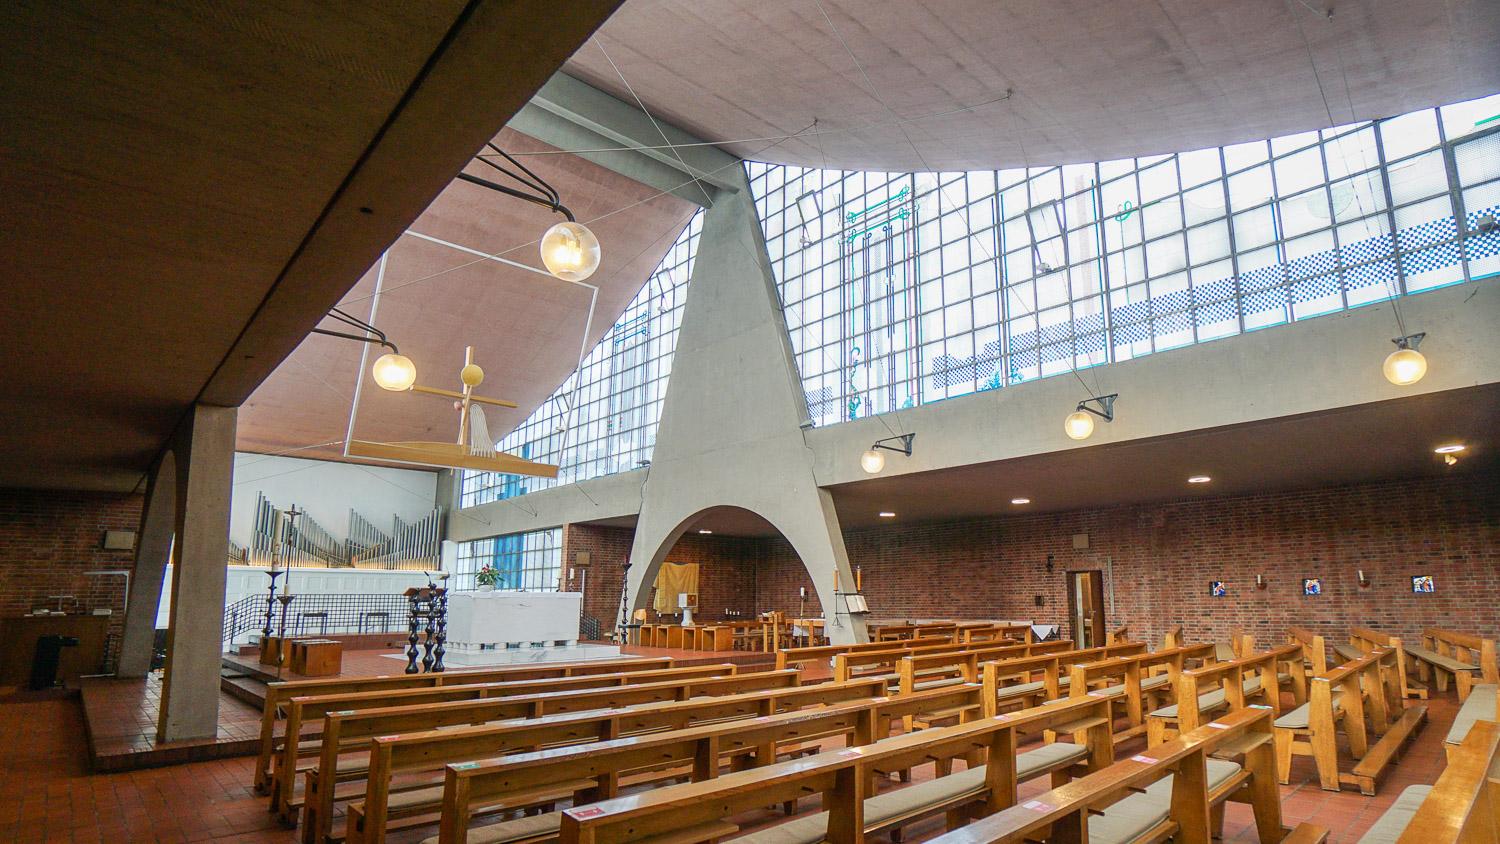 Blick in den Innenraum der Heilig-Geist-Kirche in Essen-Karnap